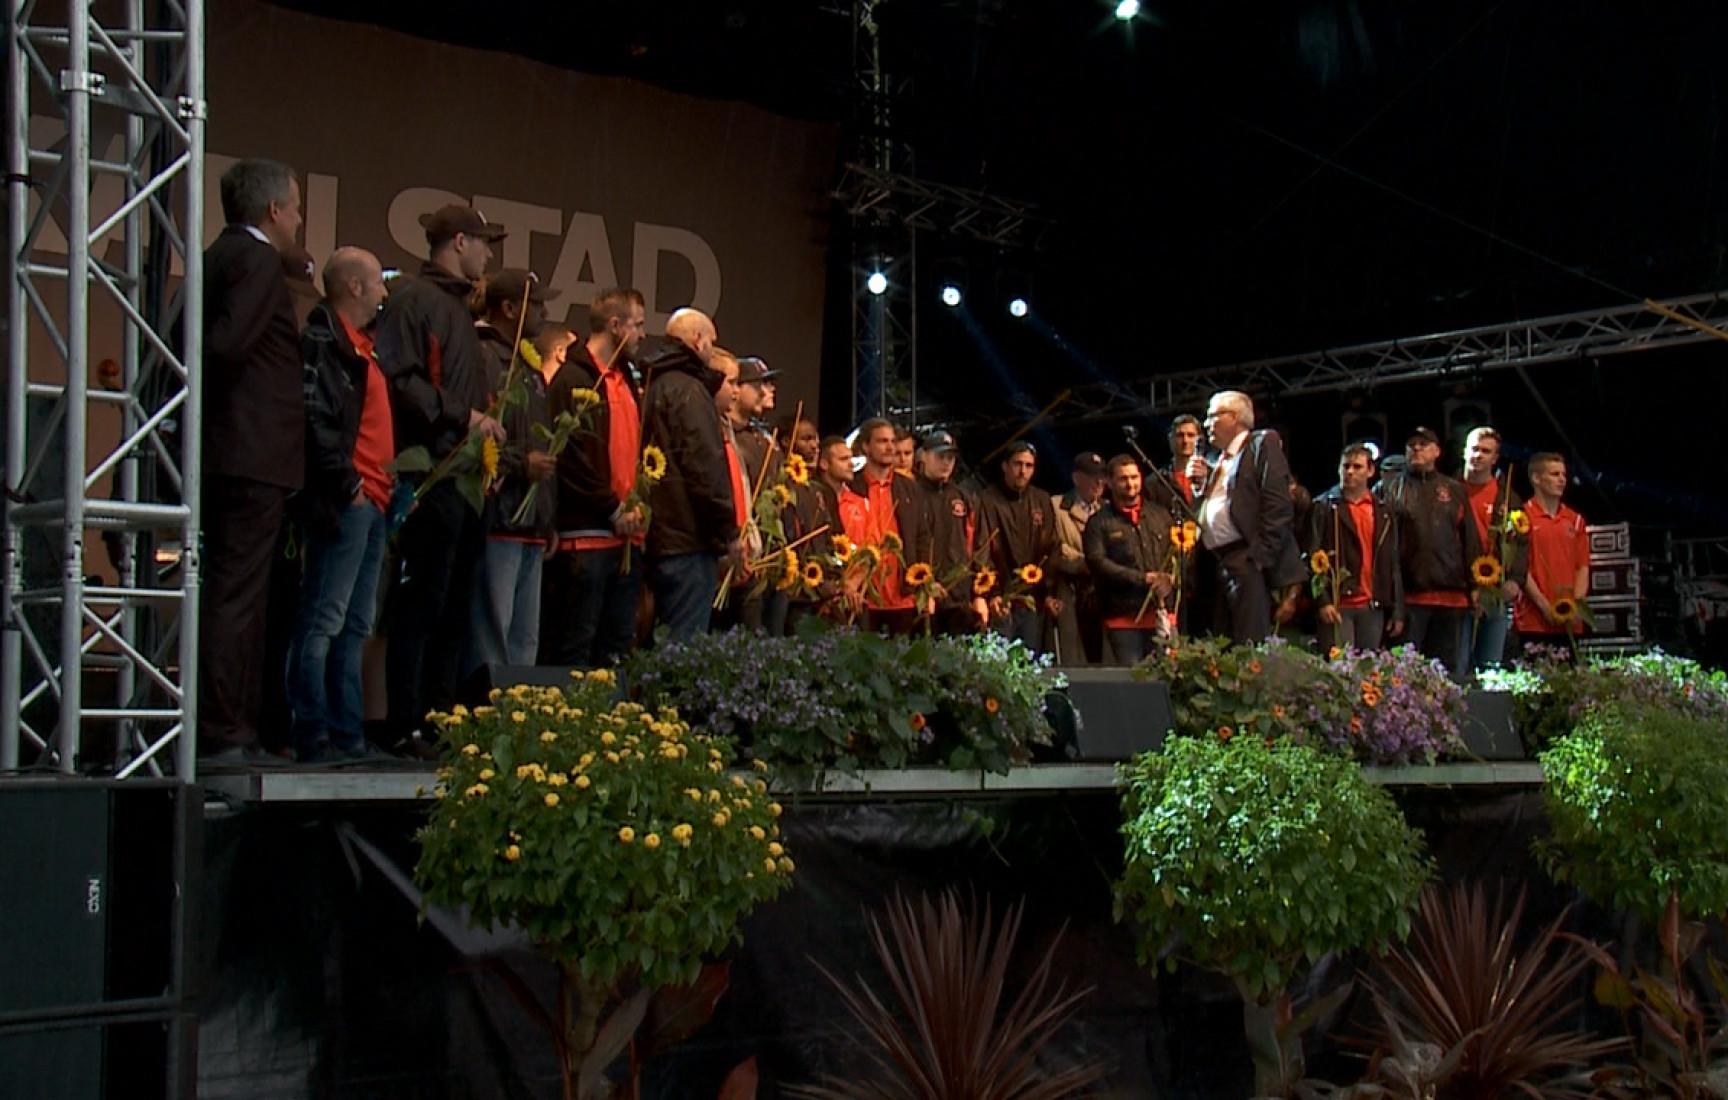 Glimt Sport – Carlstad Crusaders hyllade på Stora torget